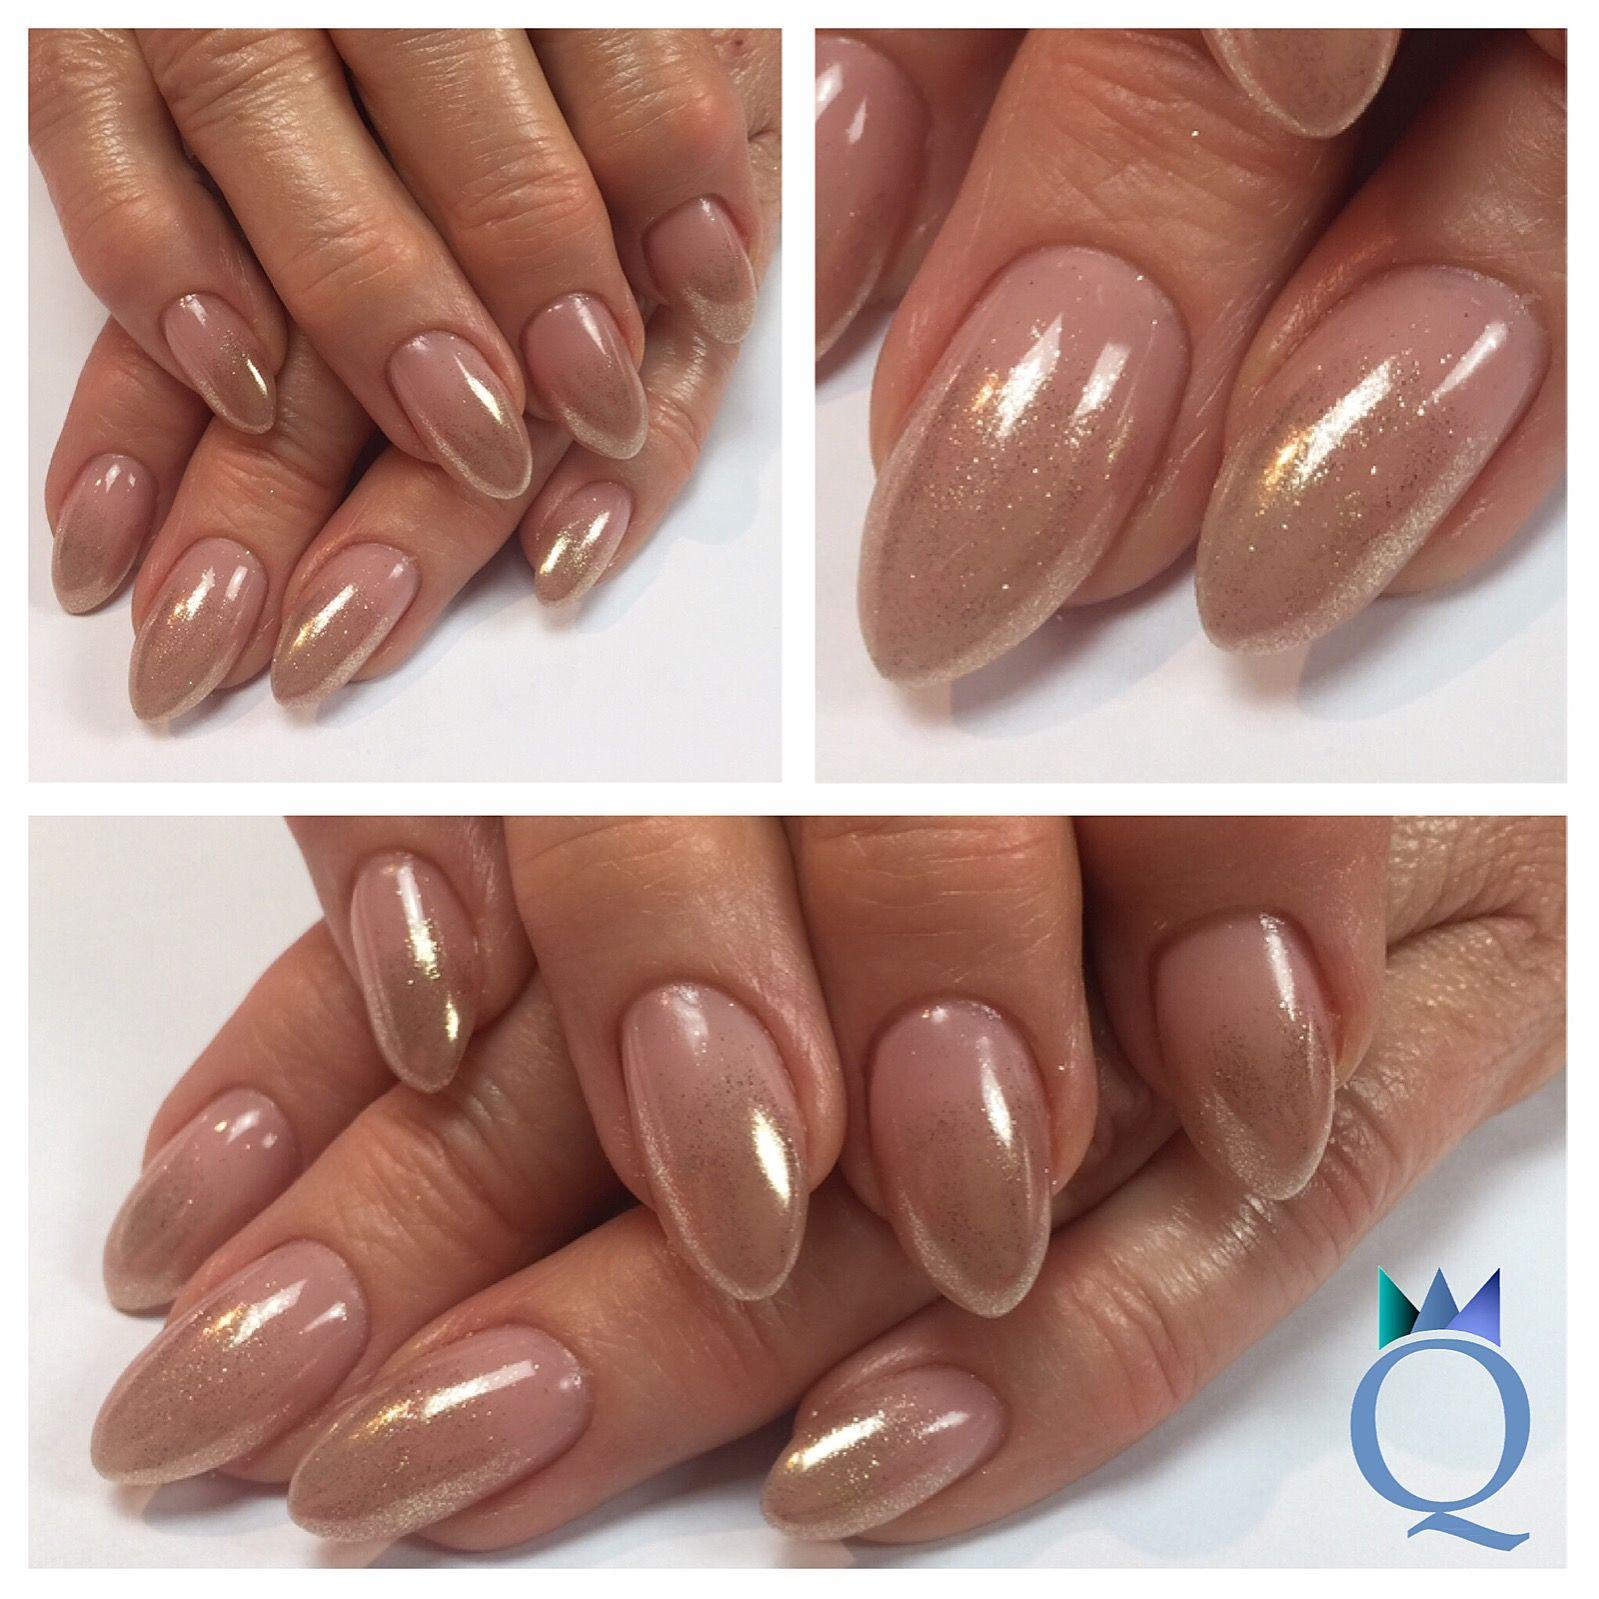 almondnails #gelnails #nails #goldchrome #ombre #mandelform ...